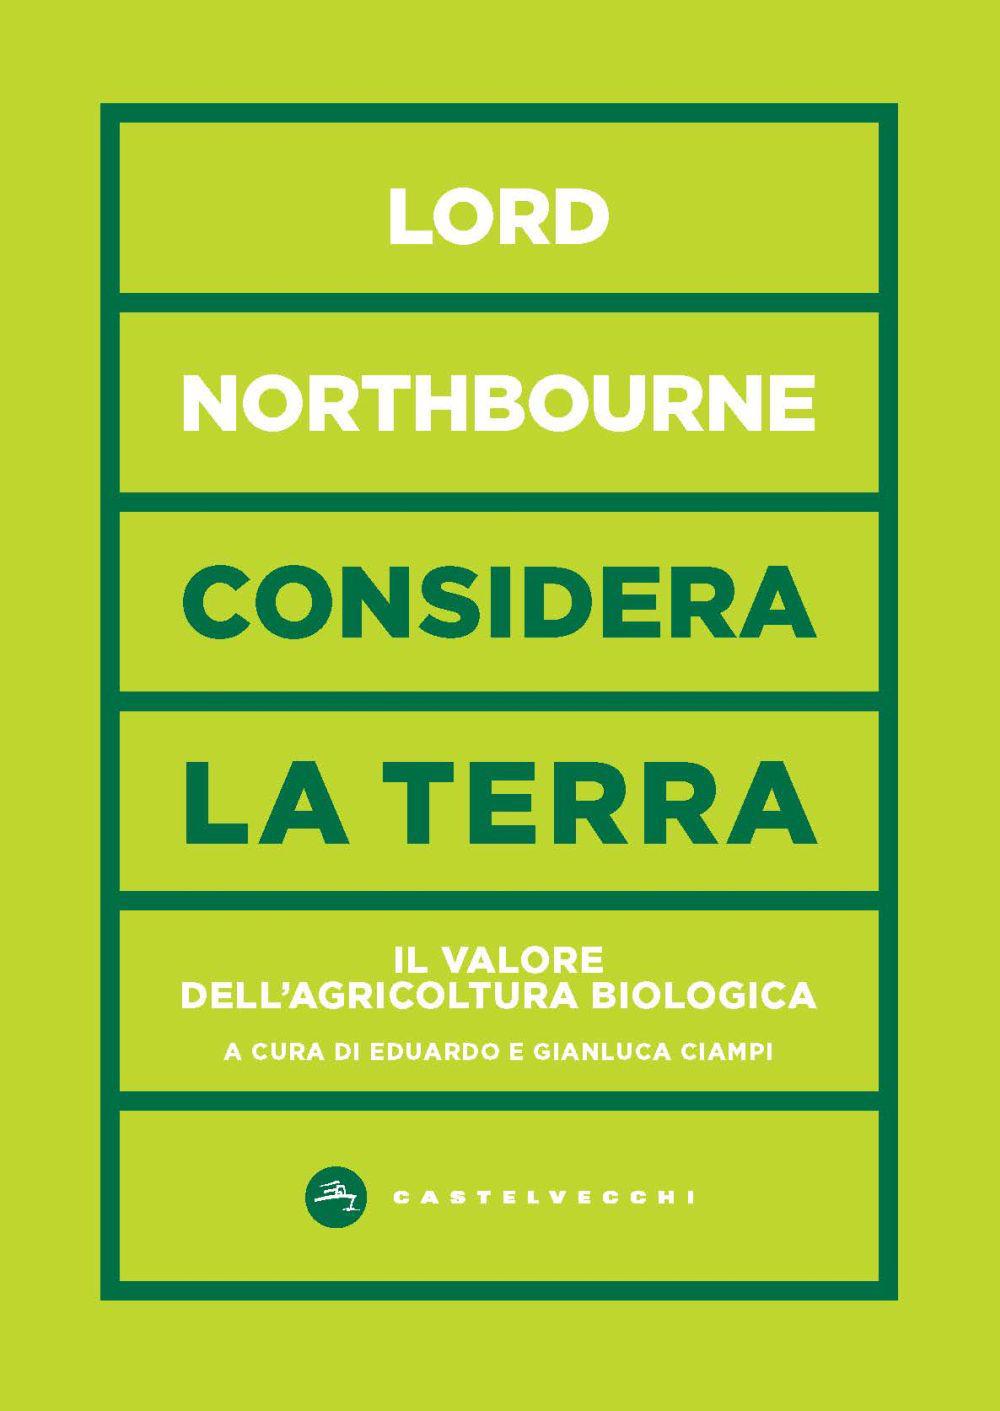 CONSIDERA LA TERRA. IL VALORE DELL'AGRICOLTURA BIOLOGICA - 9788832900378